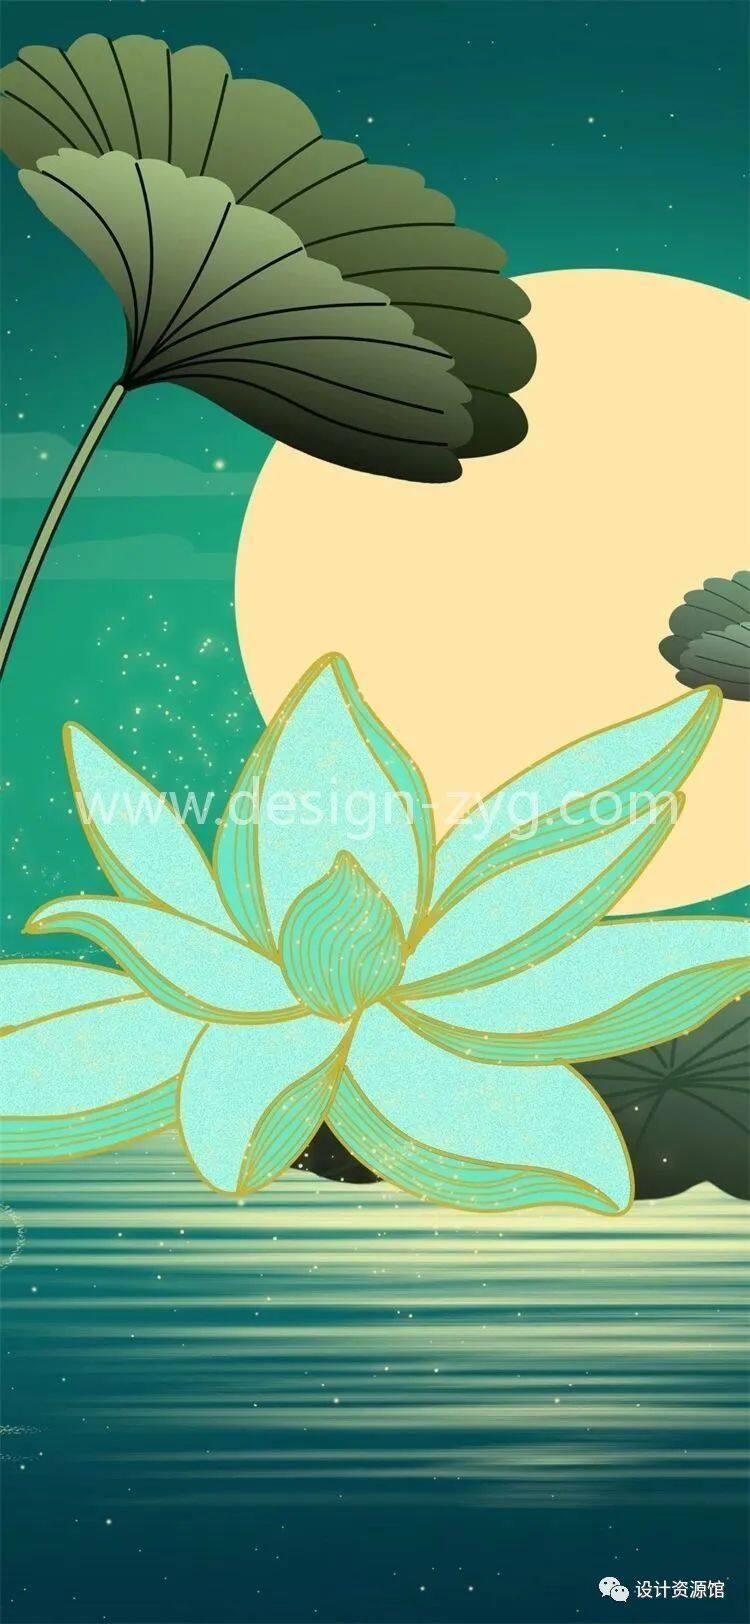 中国风合集 中国传统纹样锦集+中国风精美潮流插画+精美纸质纹理素材【712期】插图13